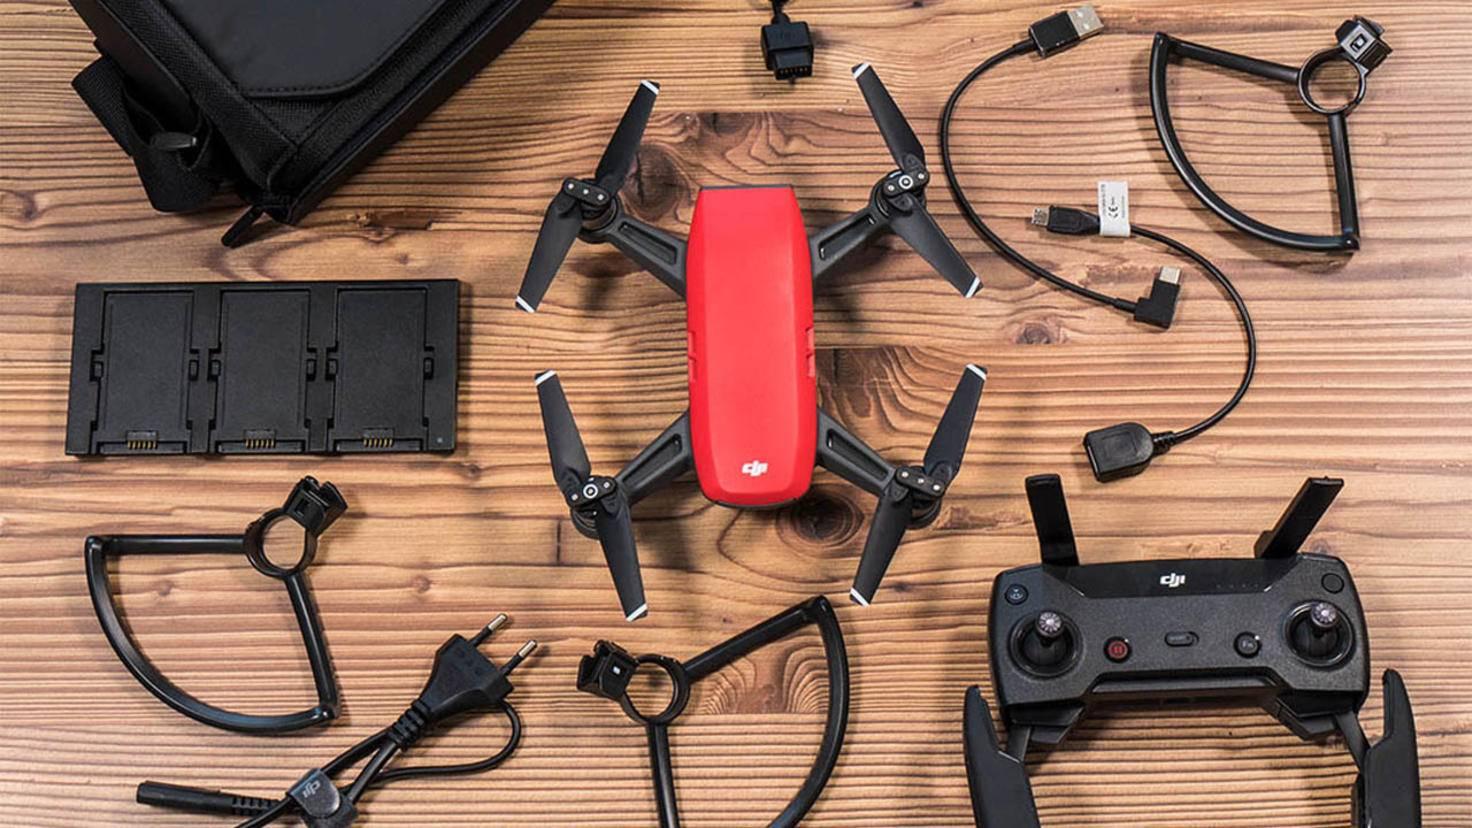 In der Fly More Combo von DJI sind neben Drohne auch Propellerschutz, Ersatzakku und Fernbedienung enthalten.